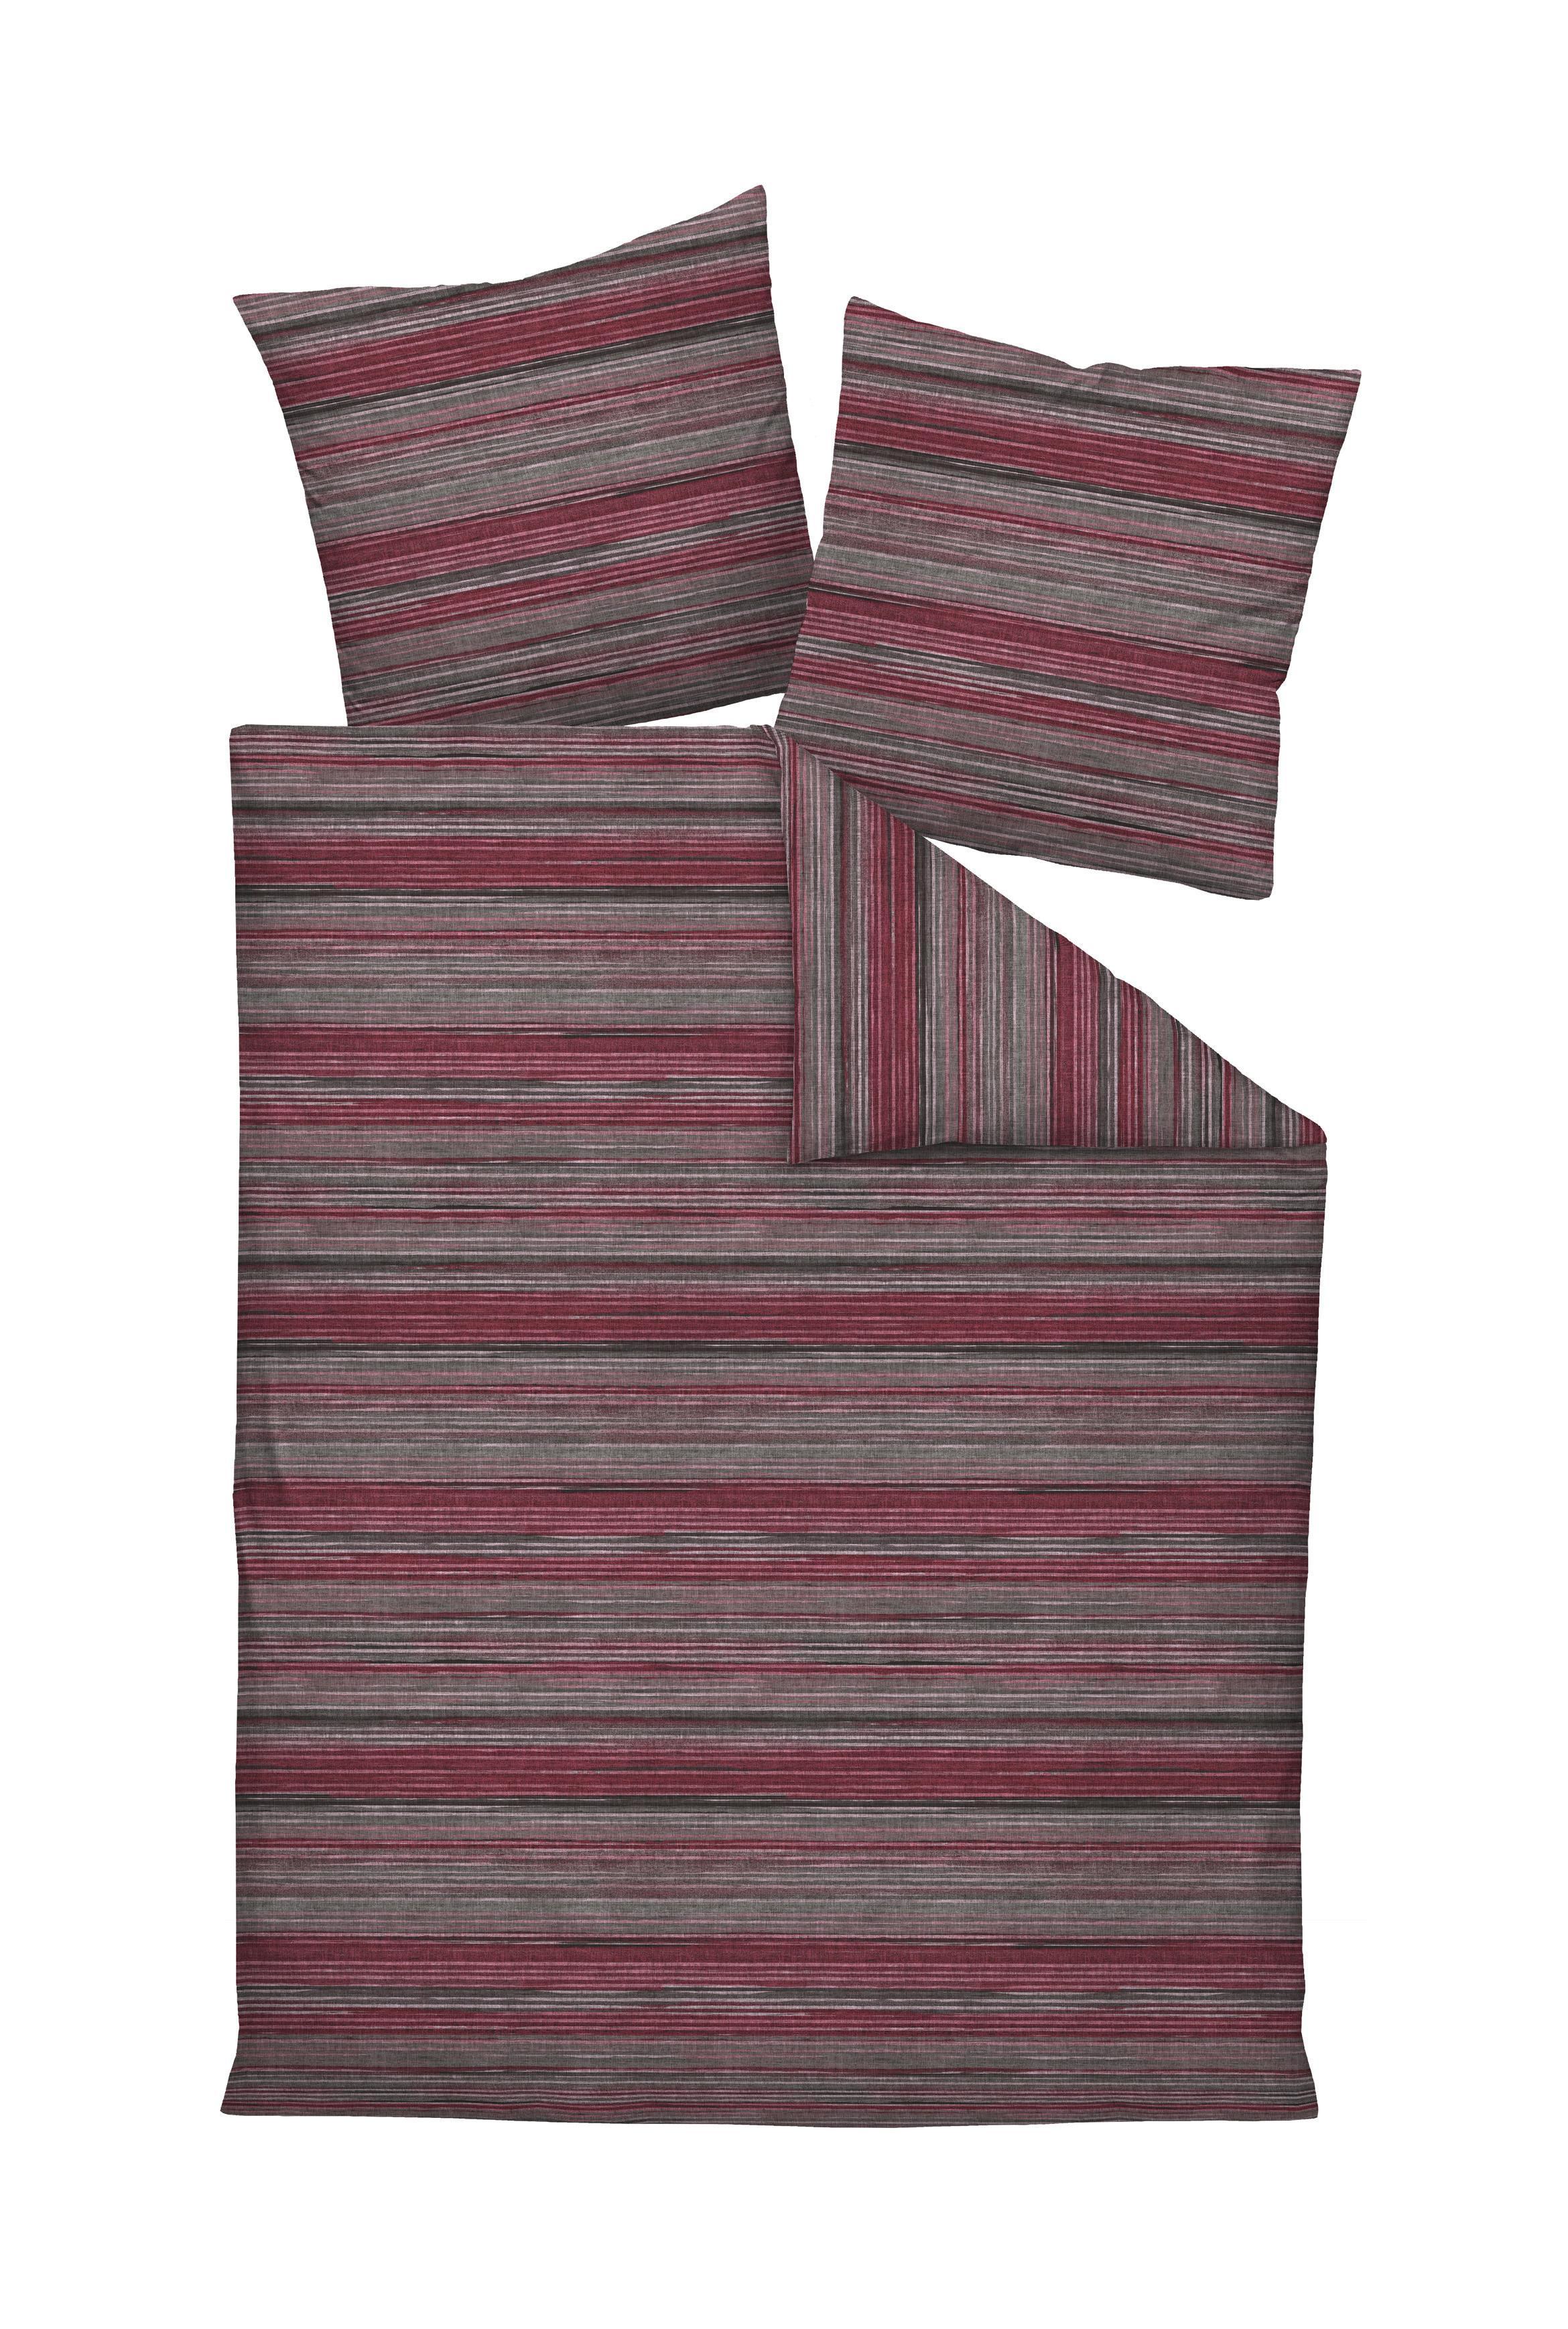 Bettwasche Makosatin Grau Rosa Dunkelrot 155 220 Cm Online Kaufen Xxxlutz